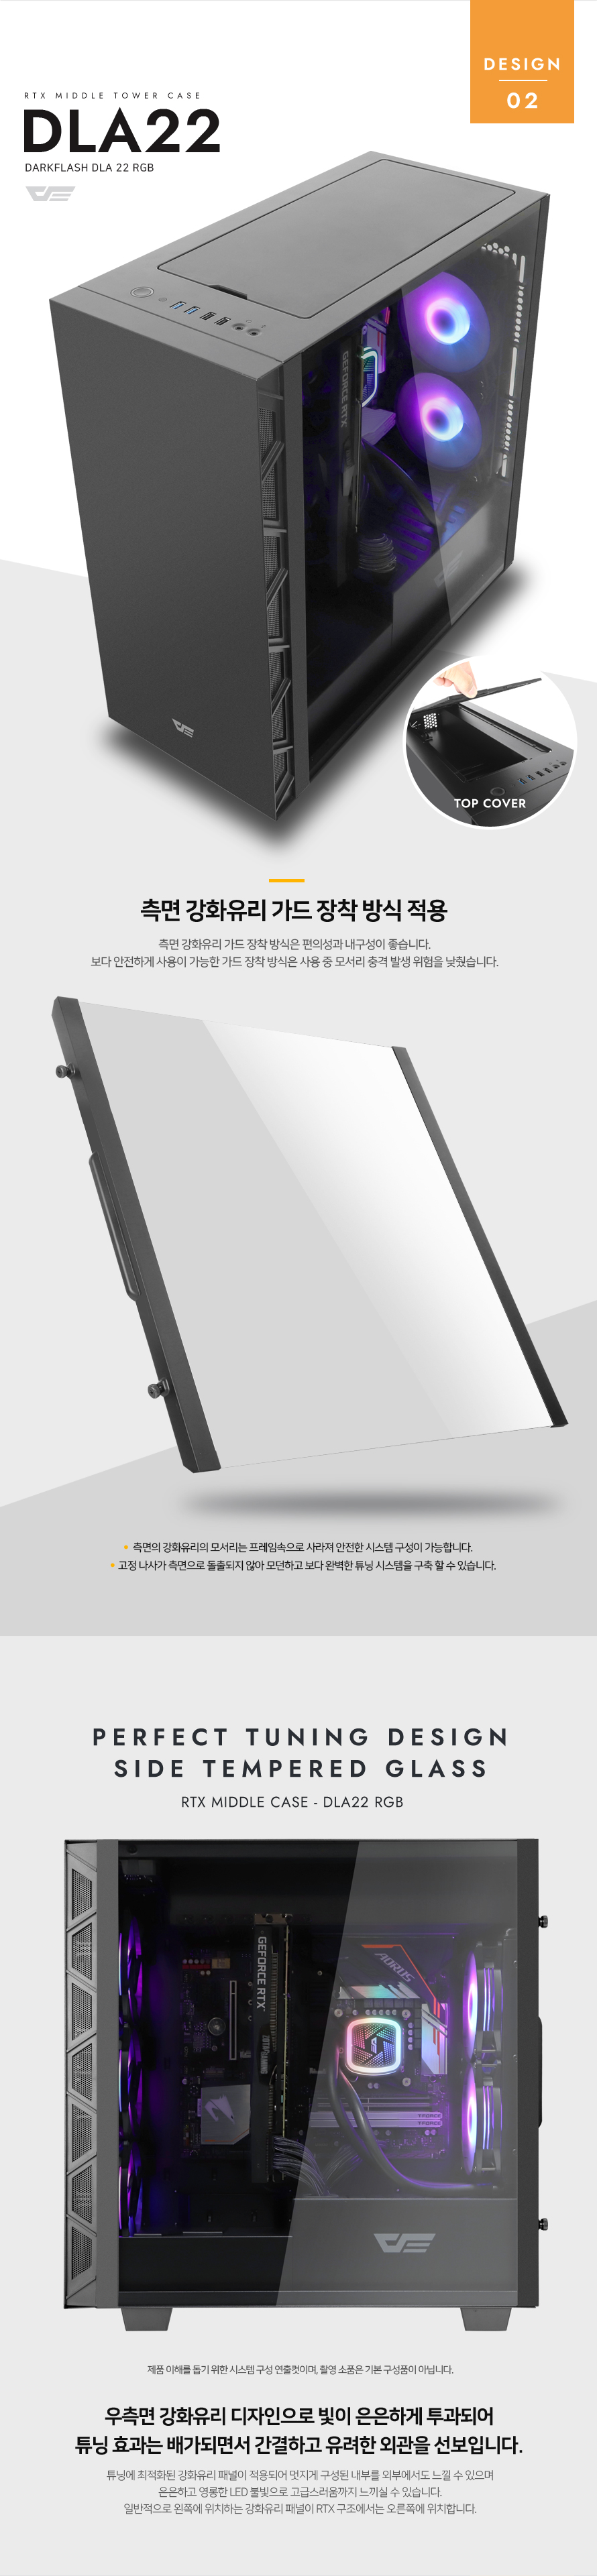 darkFlash DLA22 RGB 강화유리 (블랙)